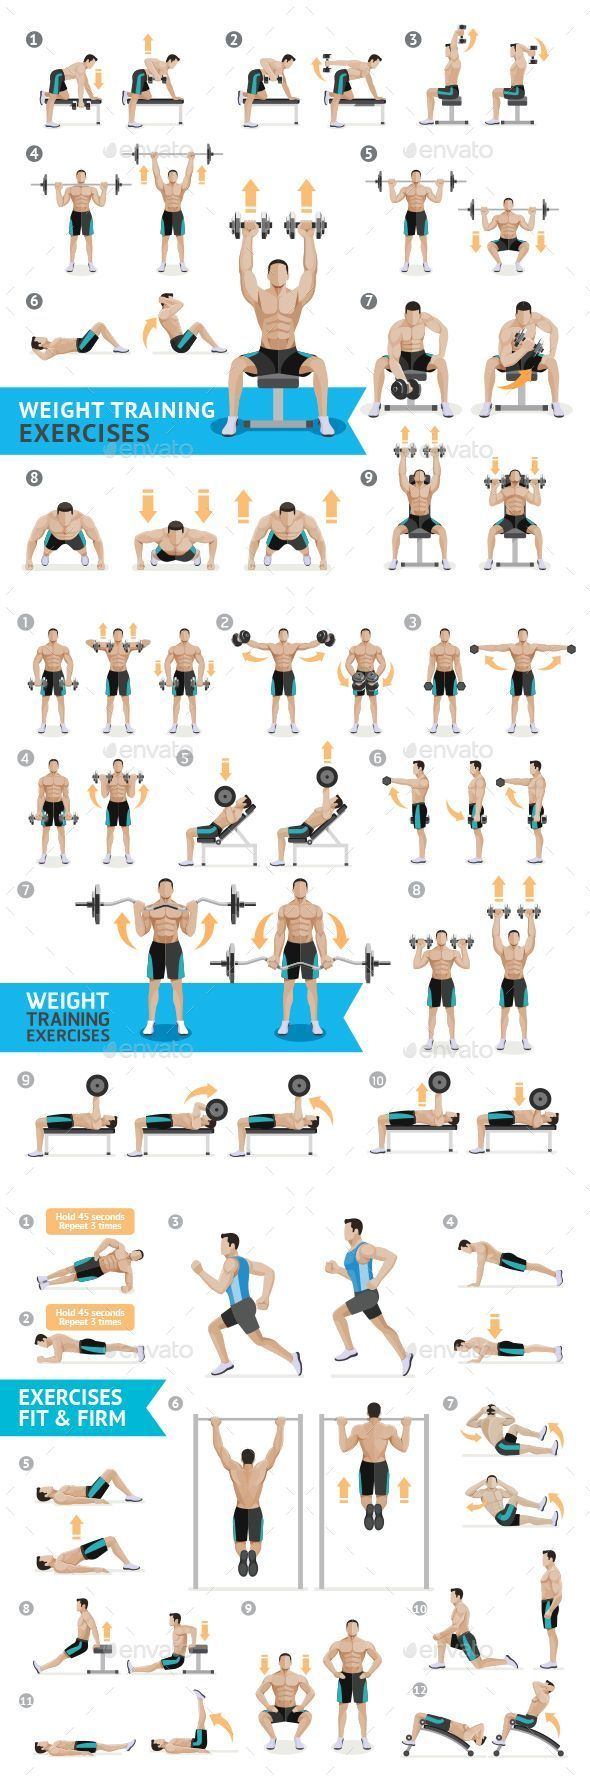 25 + › Hantelübungen und Workouts Krafttraining von graphixmania Hantelübungen …